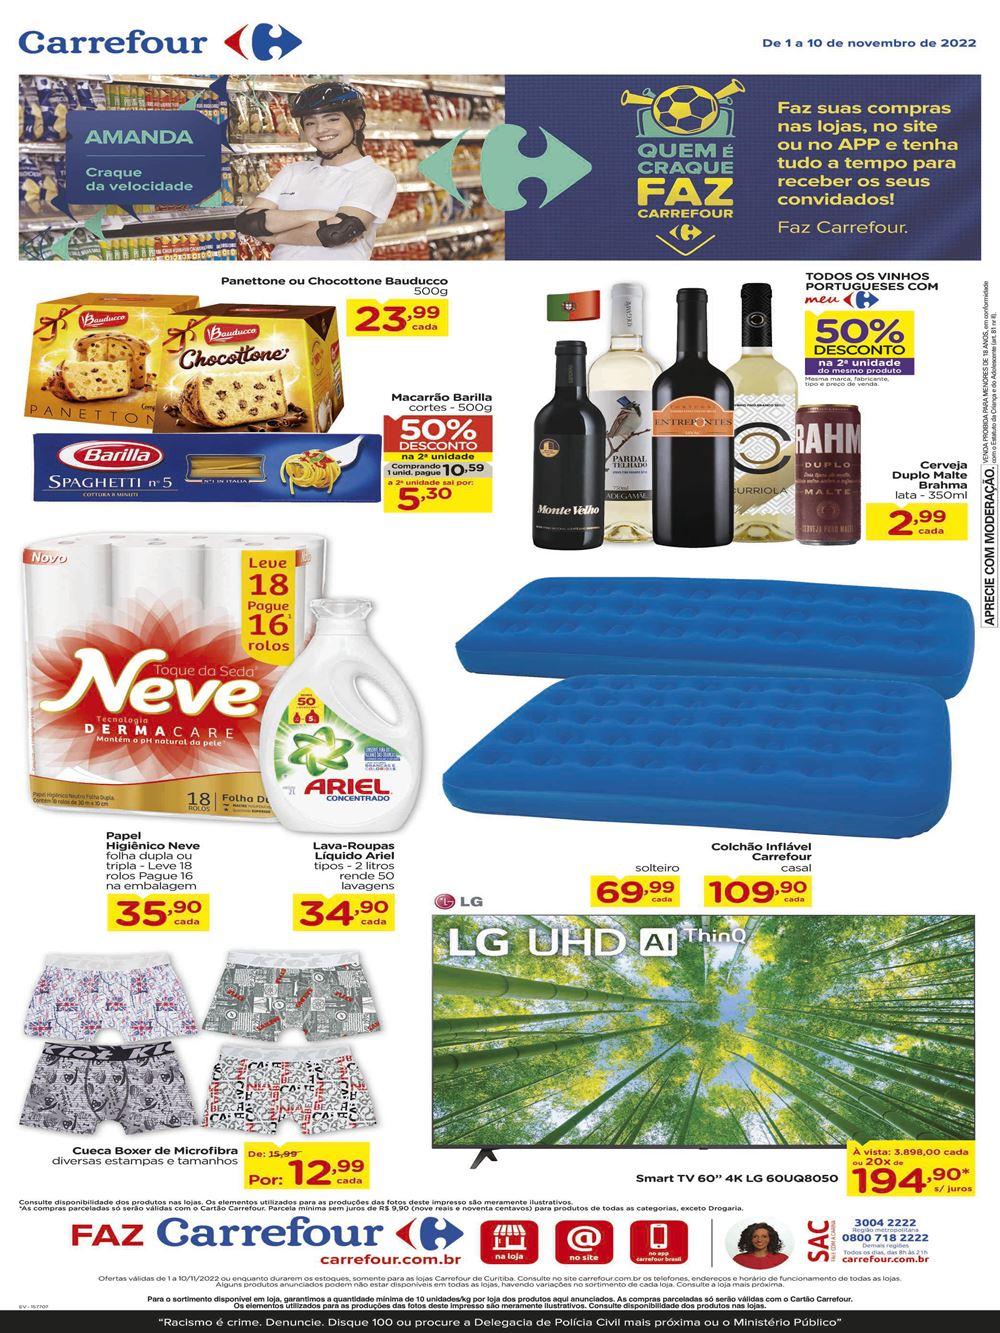 carrefour-ofertas-descontos-hoje1-24 Black Friday Ofertas do Carrefour